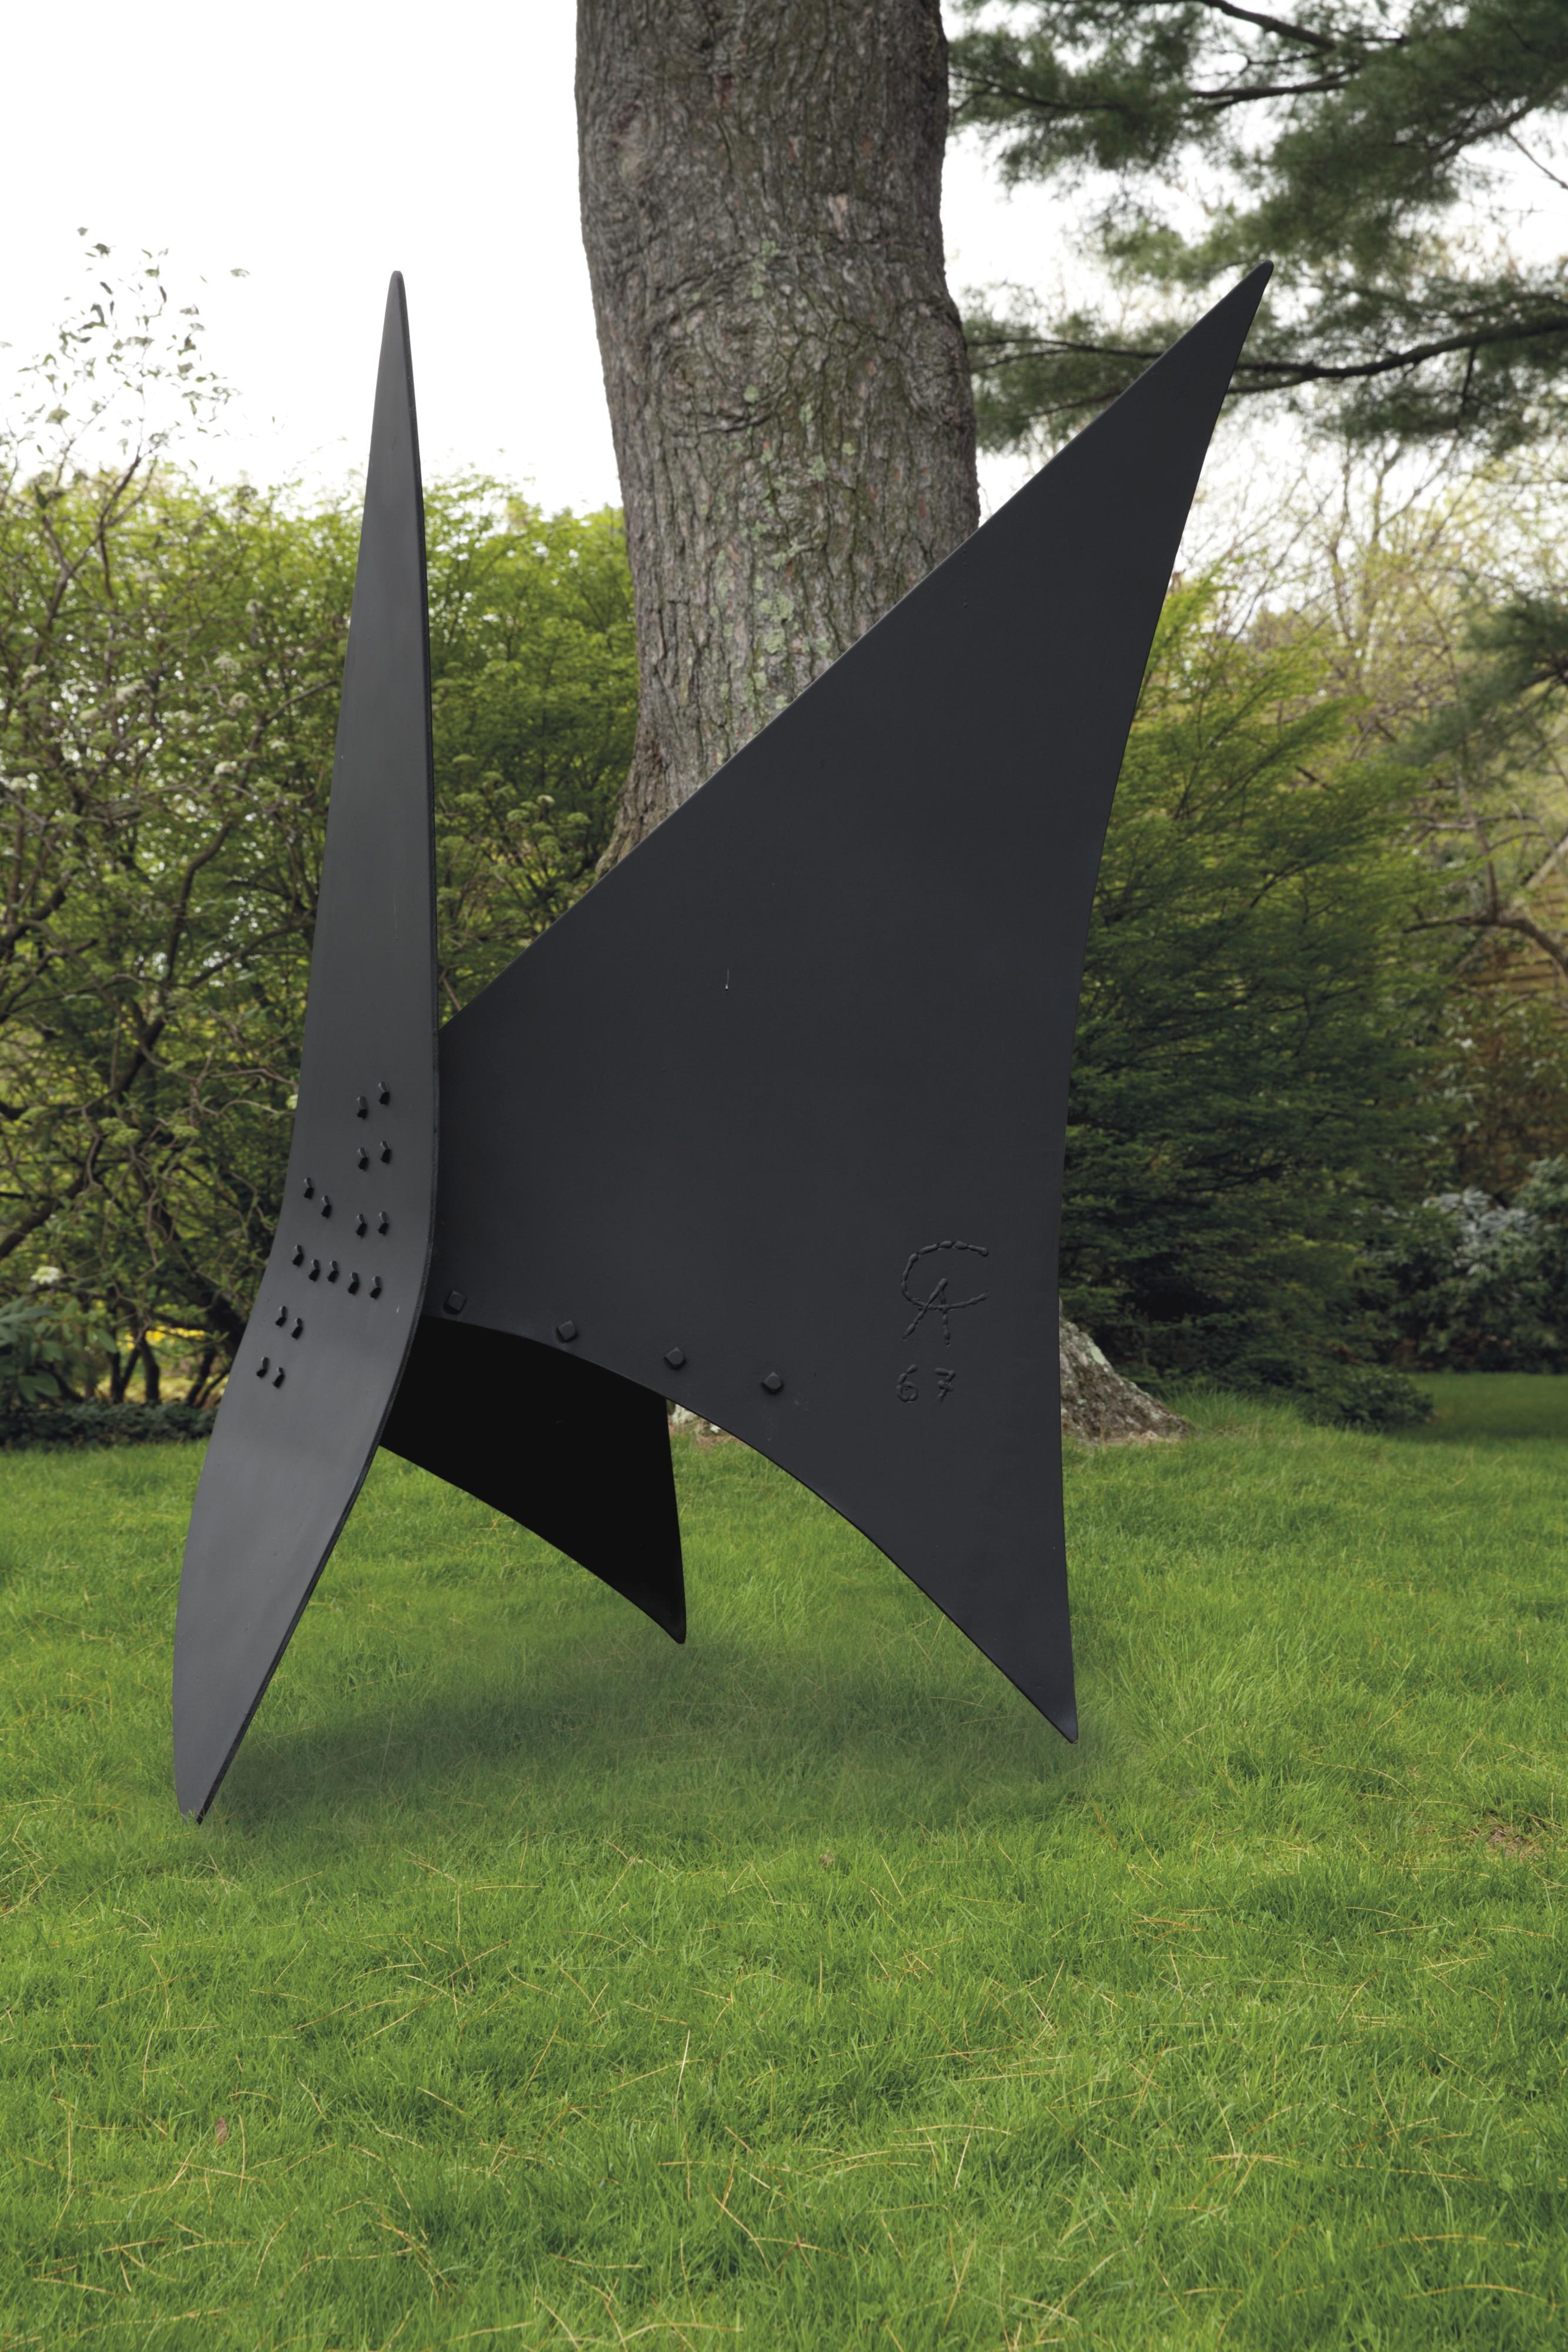 Calder_plow.jpg